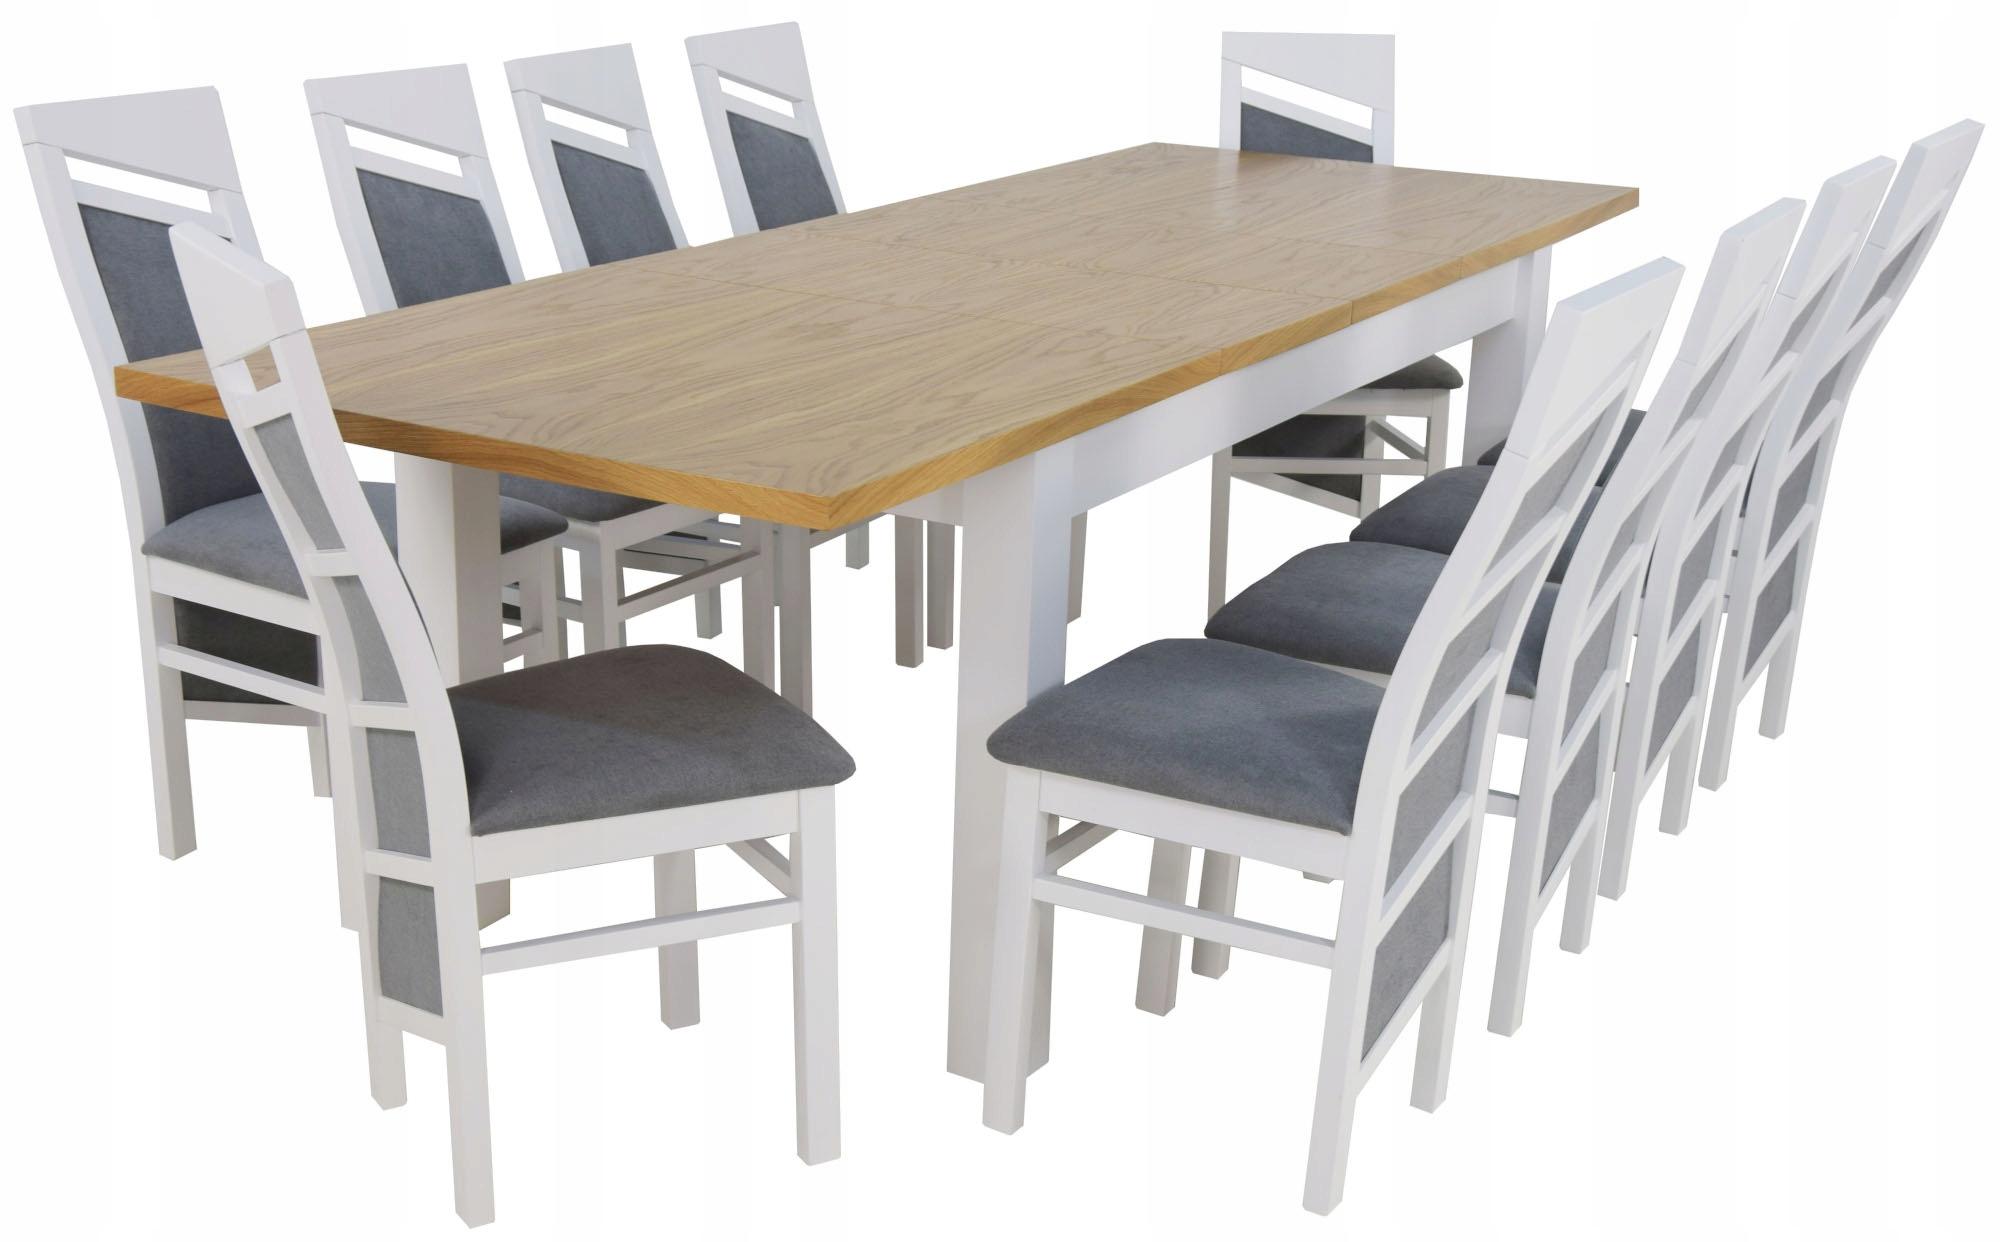 10 Stoličiek + Stôl 90x200/280 Dyha Dub Prírodný